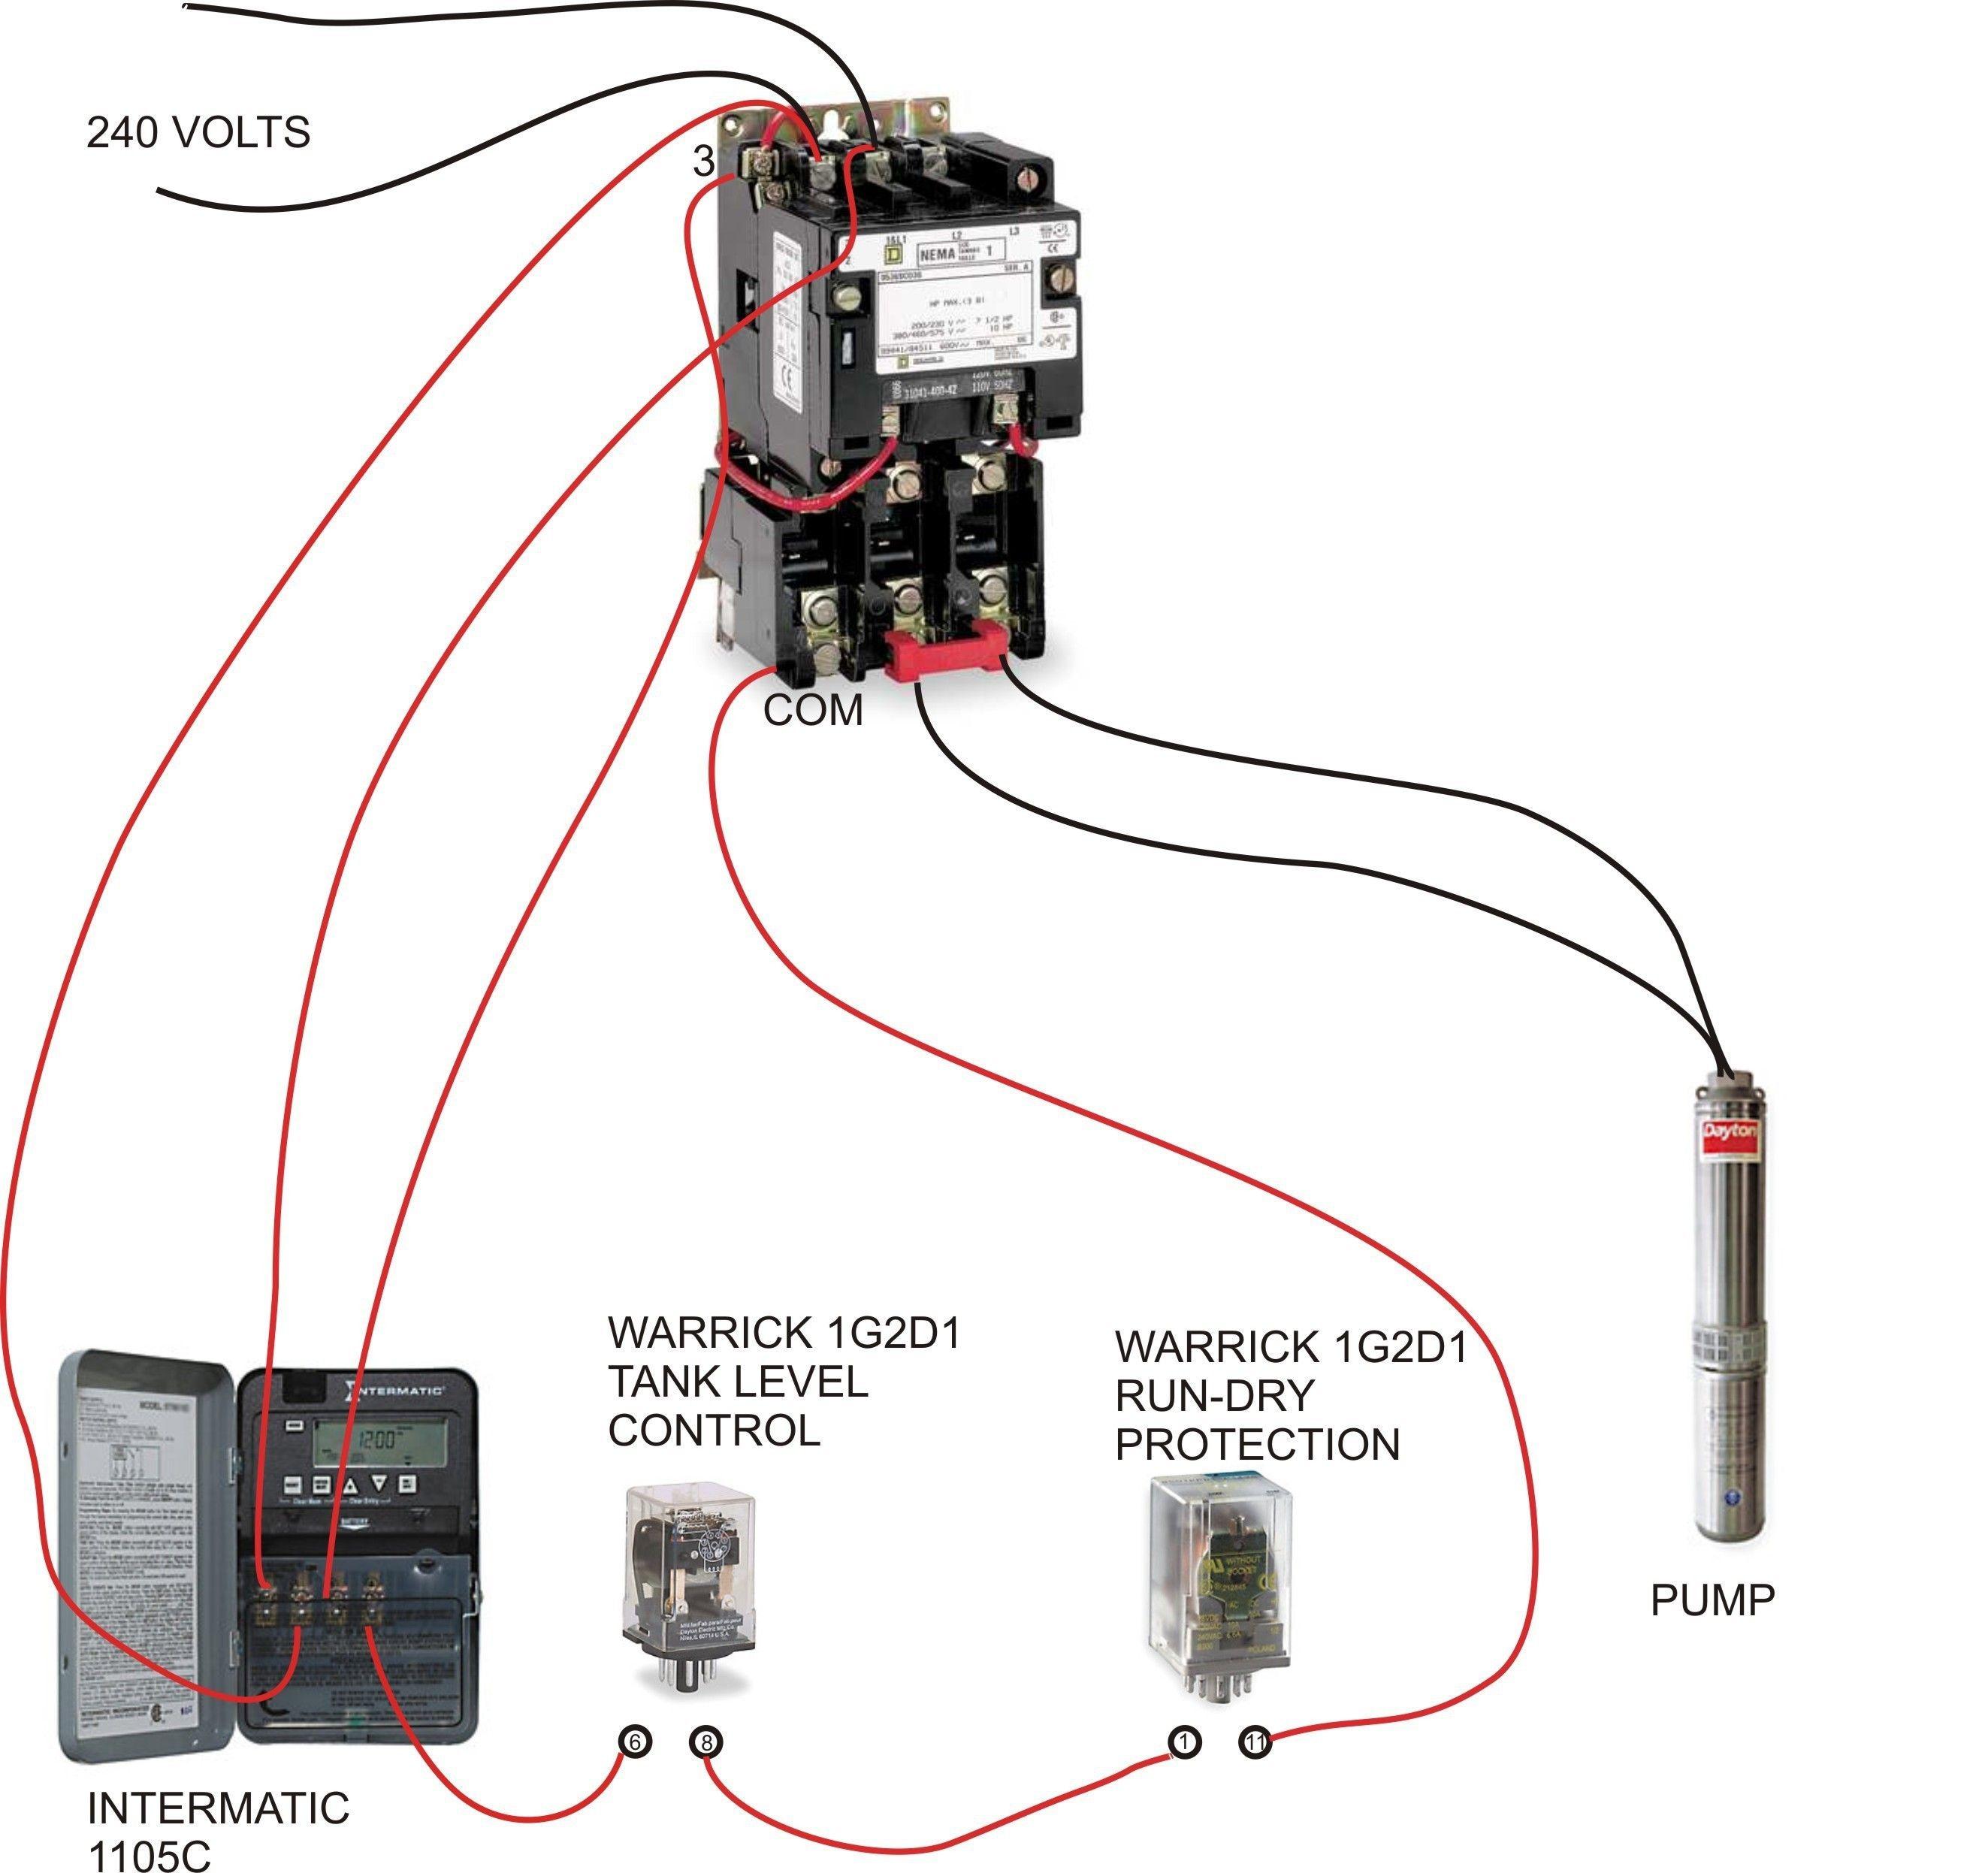 Irrigation Pump Start Relay Wiring Diagram In 2020 Well Pump Electrical Wiring Diagram Irrigation Pumps